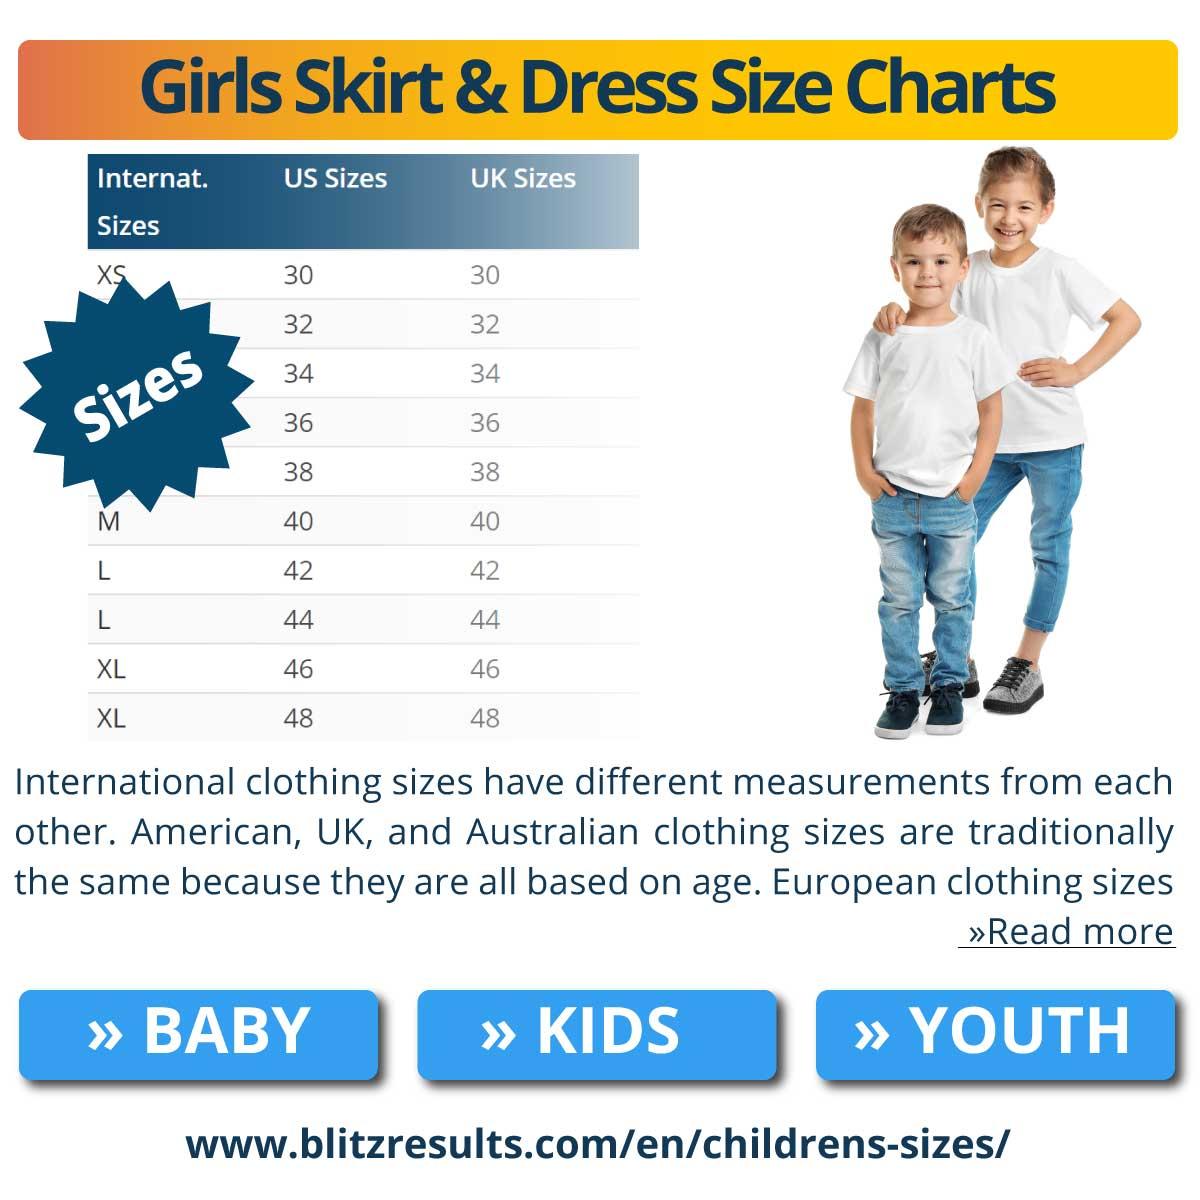 Girls Skirt & Dress Size Charts